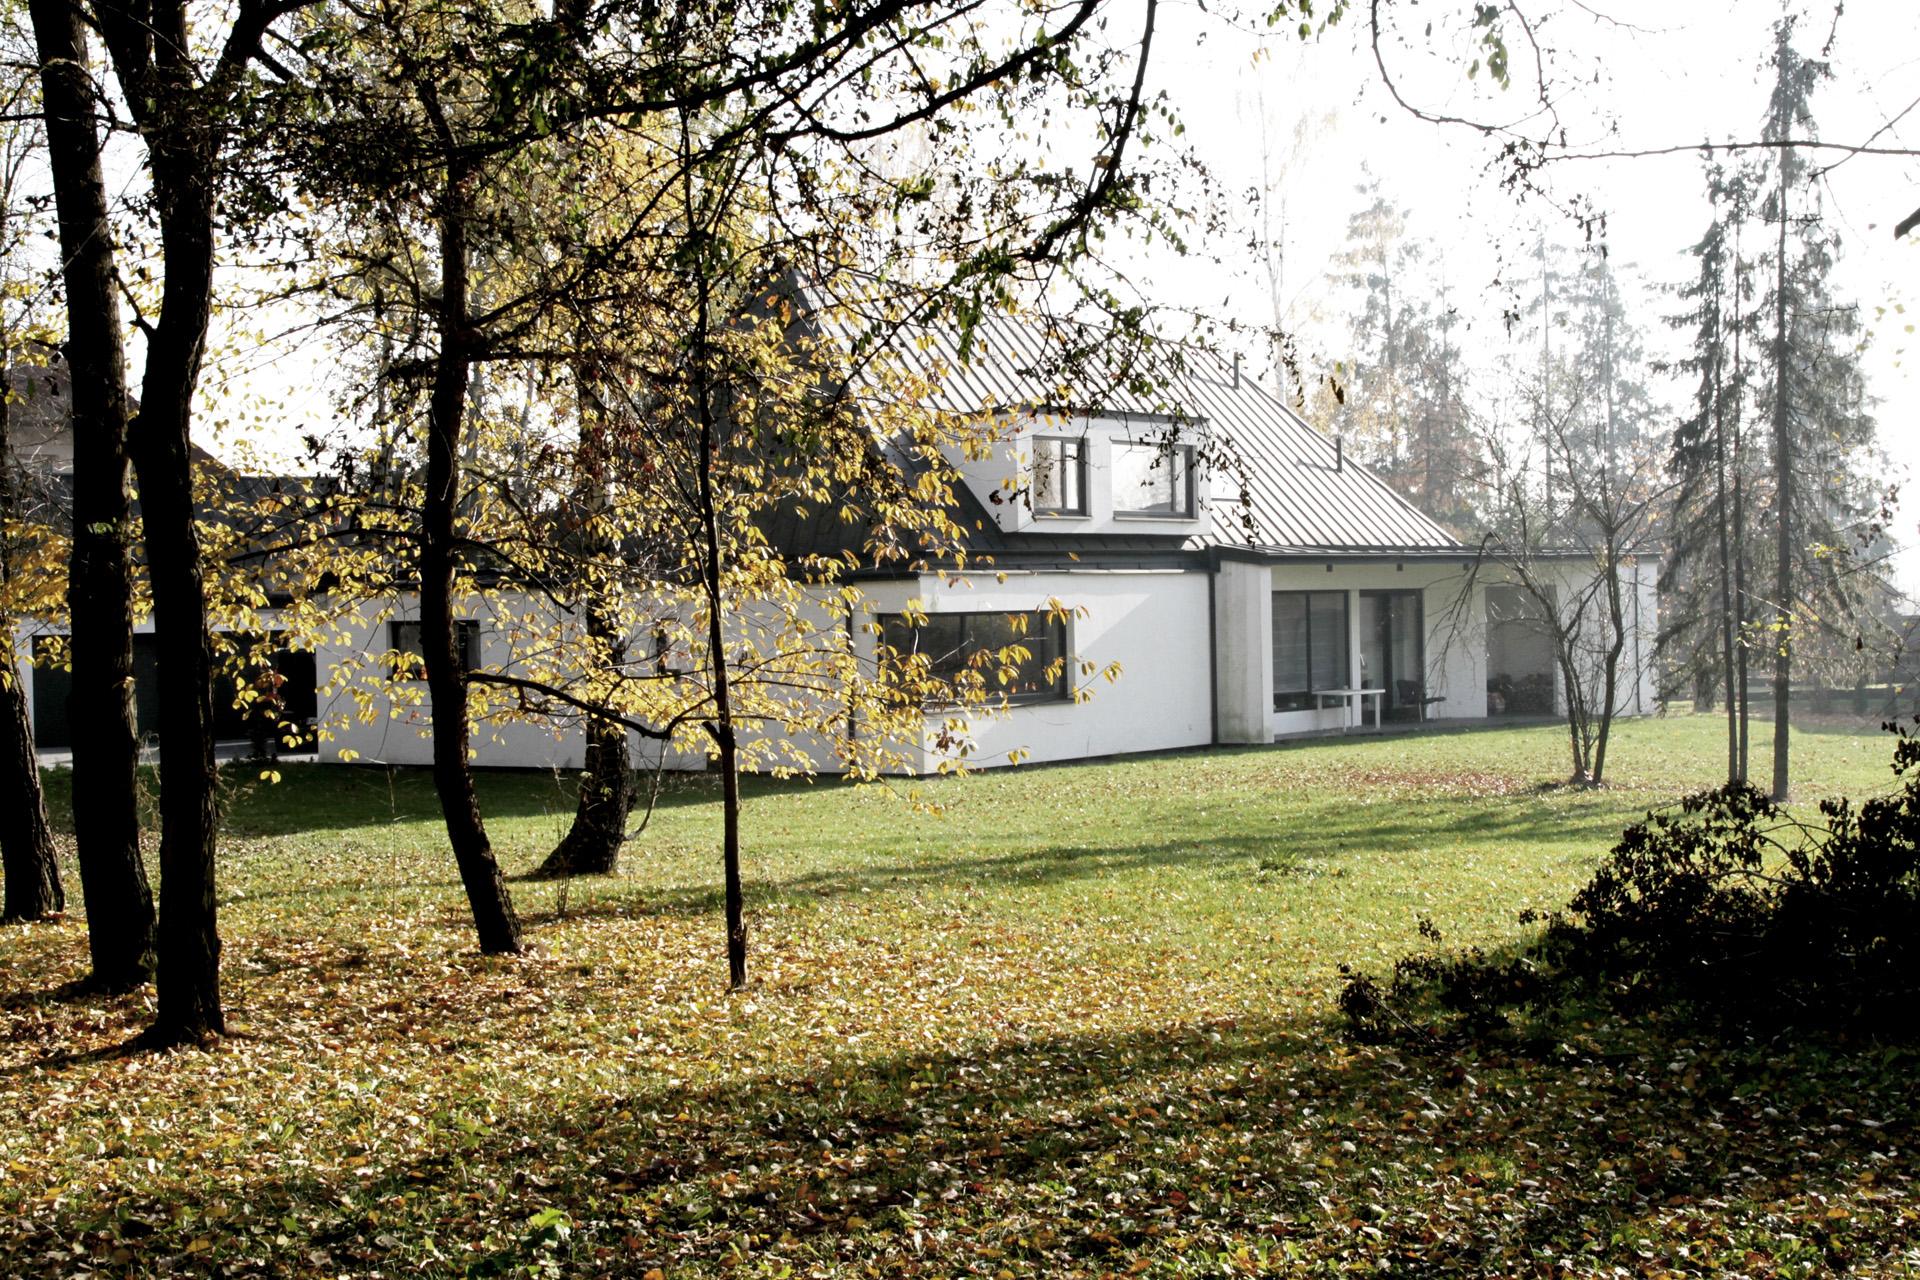 Dom jednorodzinny w Wilczej Górze, projekt domu BAZA architekci